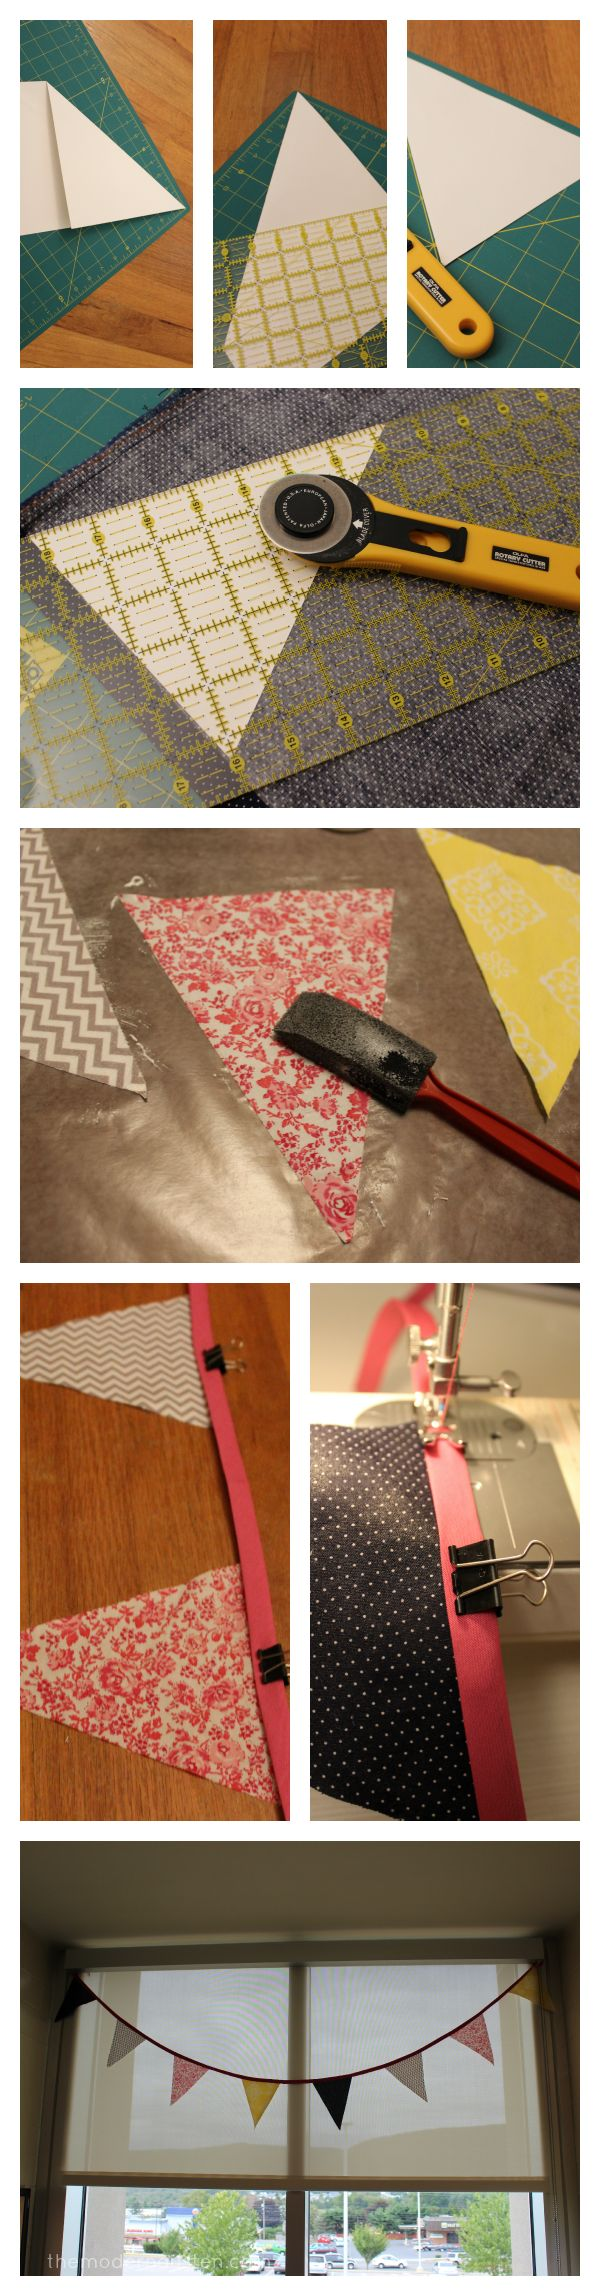 DIY: Fabric Bunting